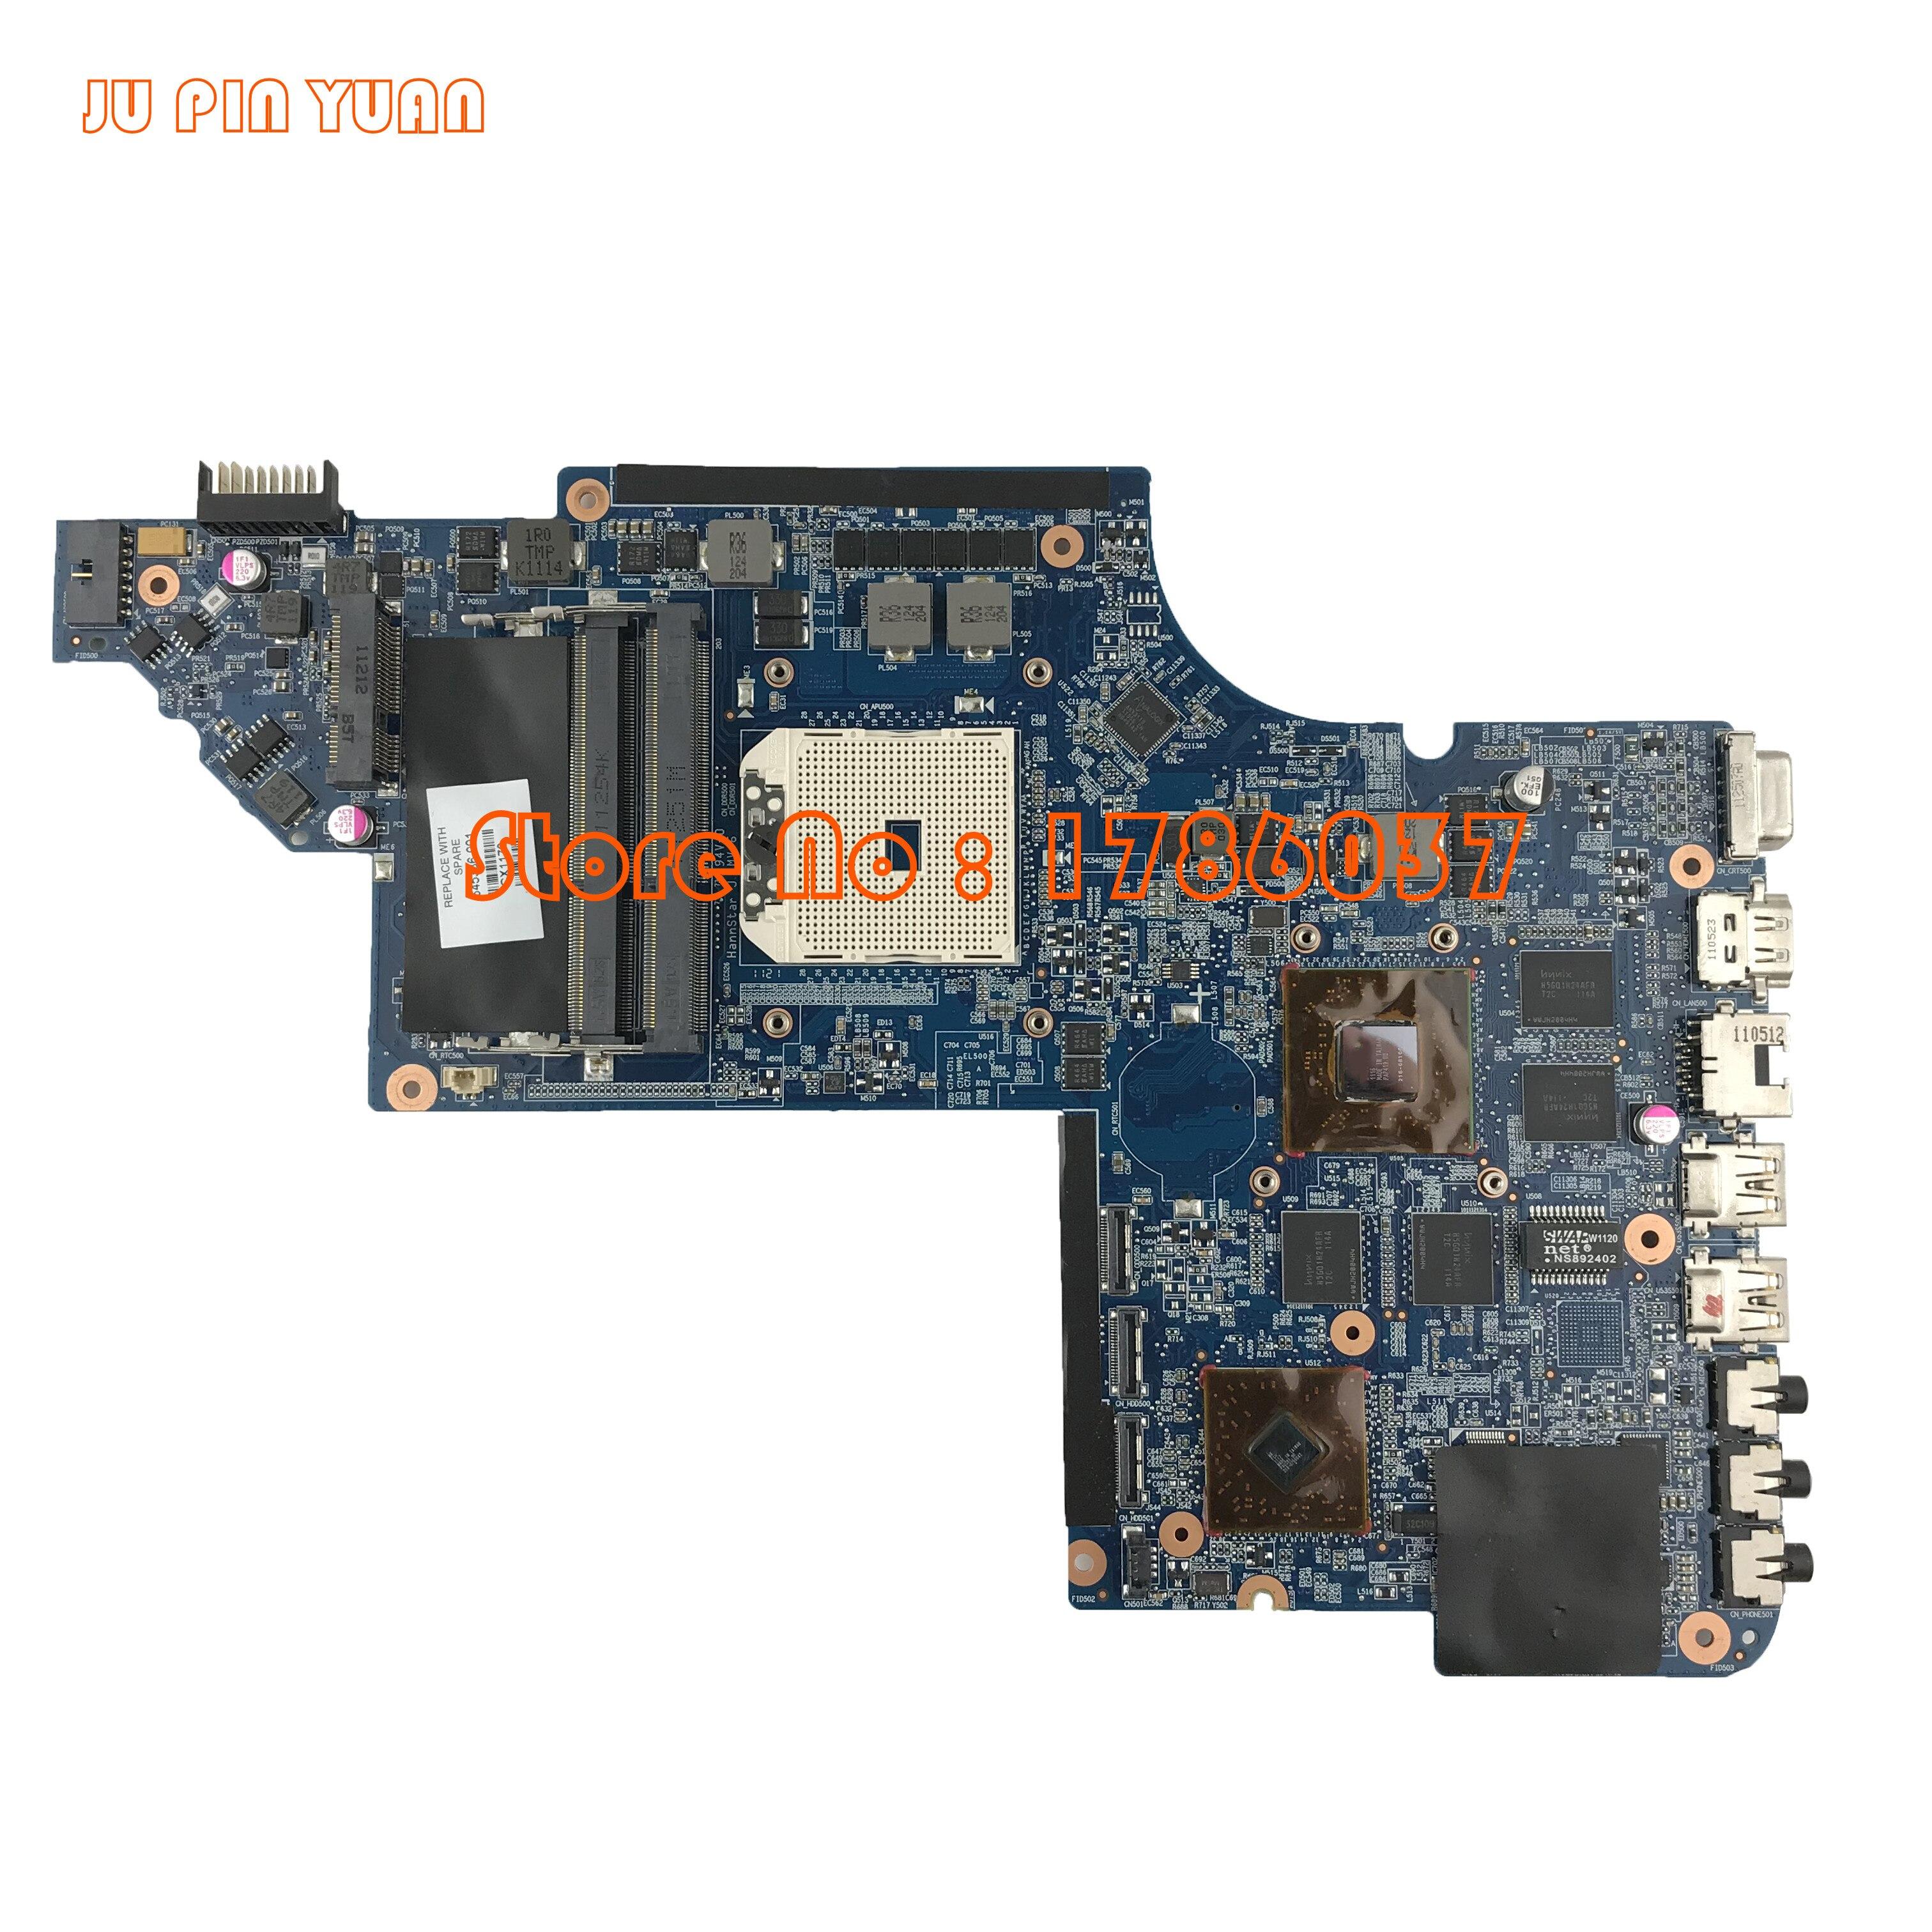 JU PIN YUANS 645386-001 carte mère pour HP PAVILION DV7 DV7-6000 ordinateur portable carte mère avec A70M DSC HD6750/1 G entièrement Testé